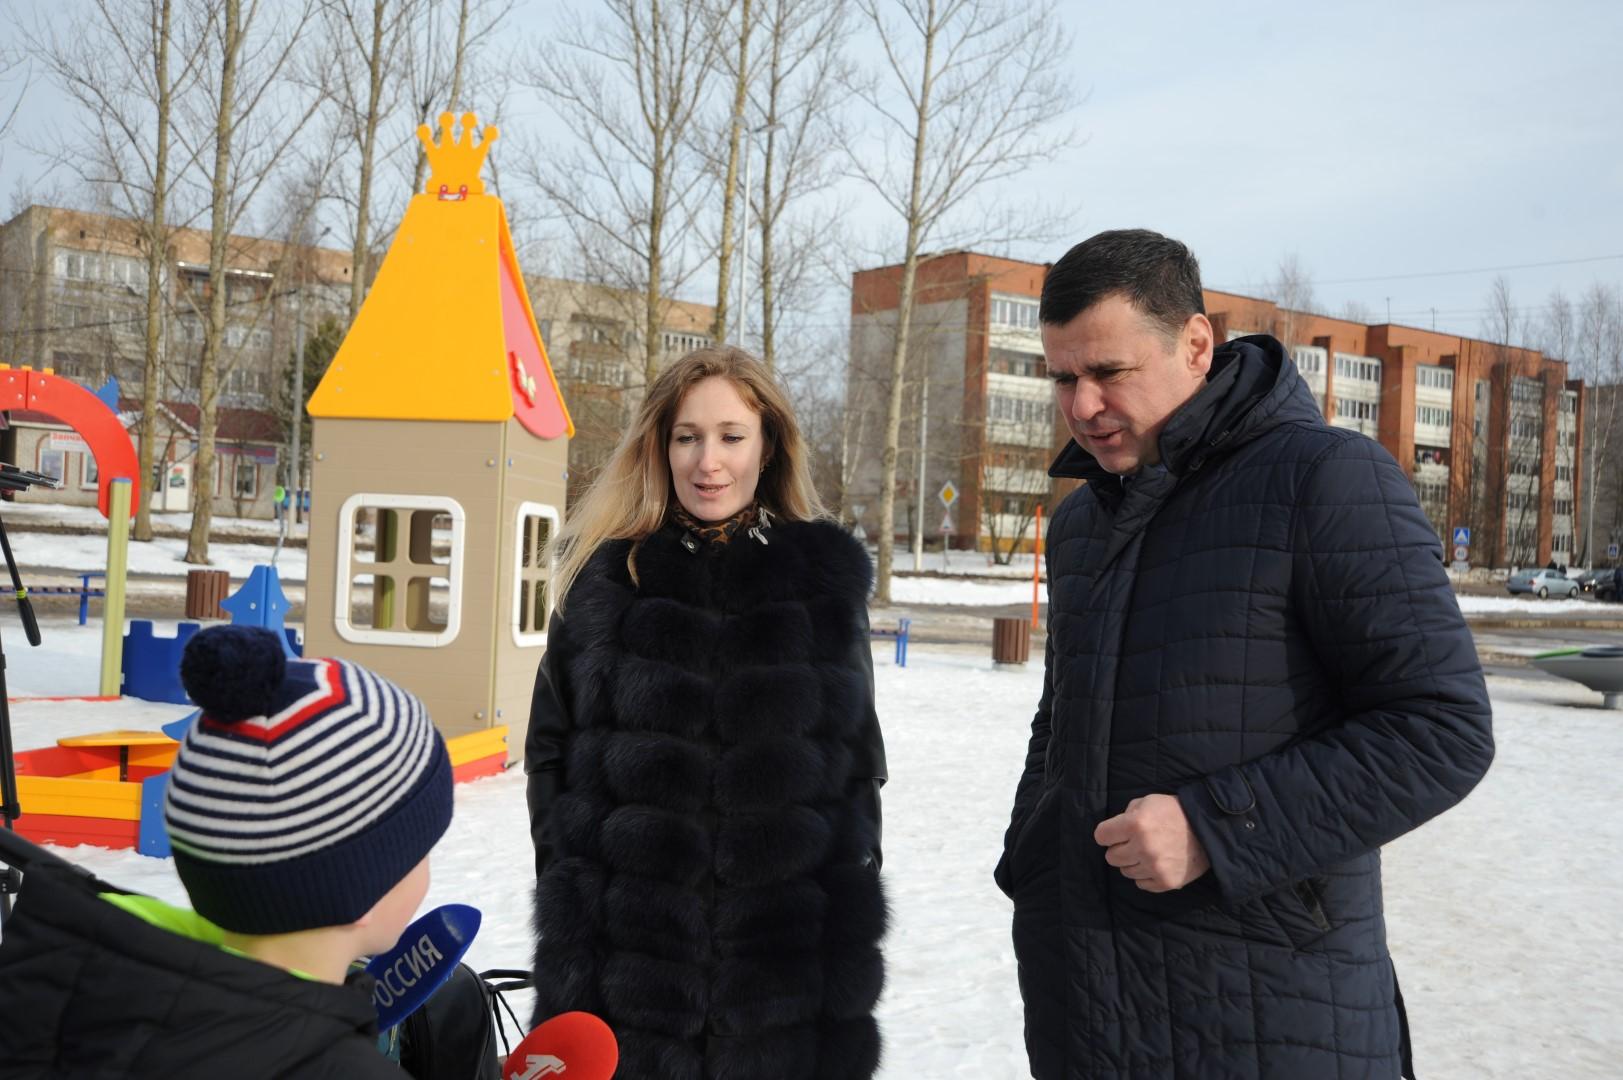 В Переславле планируют благоустроить пять дворов и завершить преображение парка Победы – Миронов